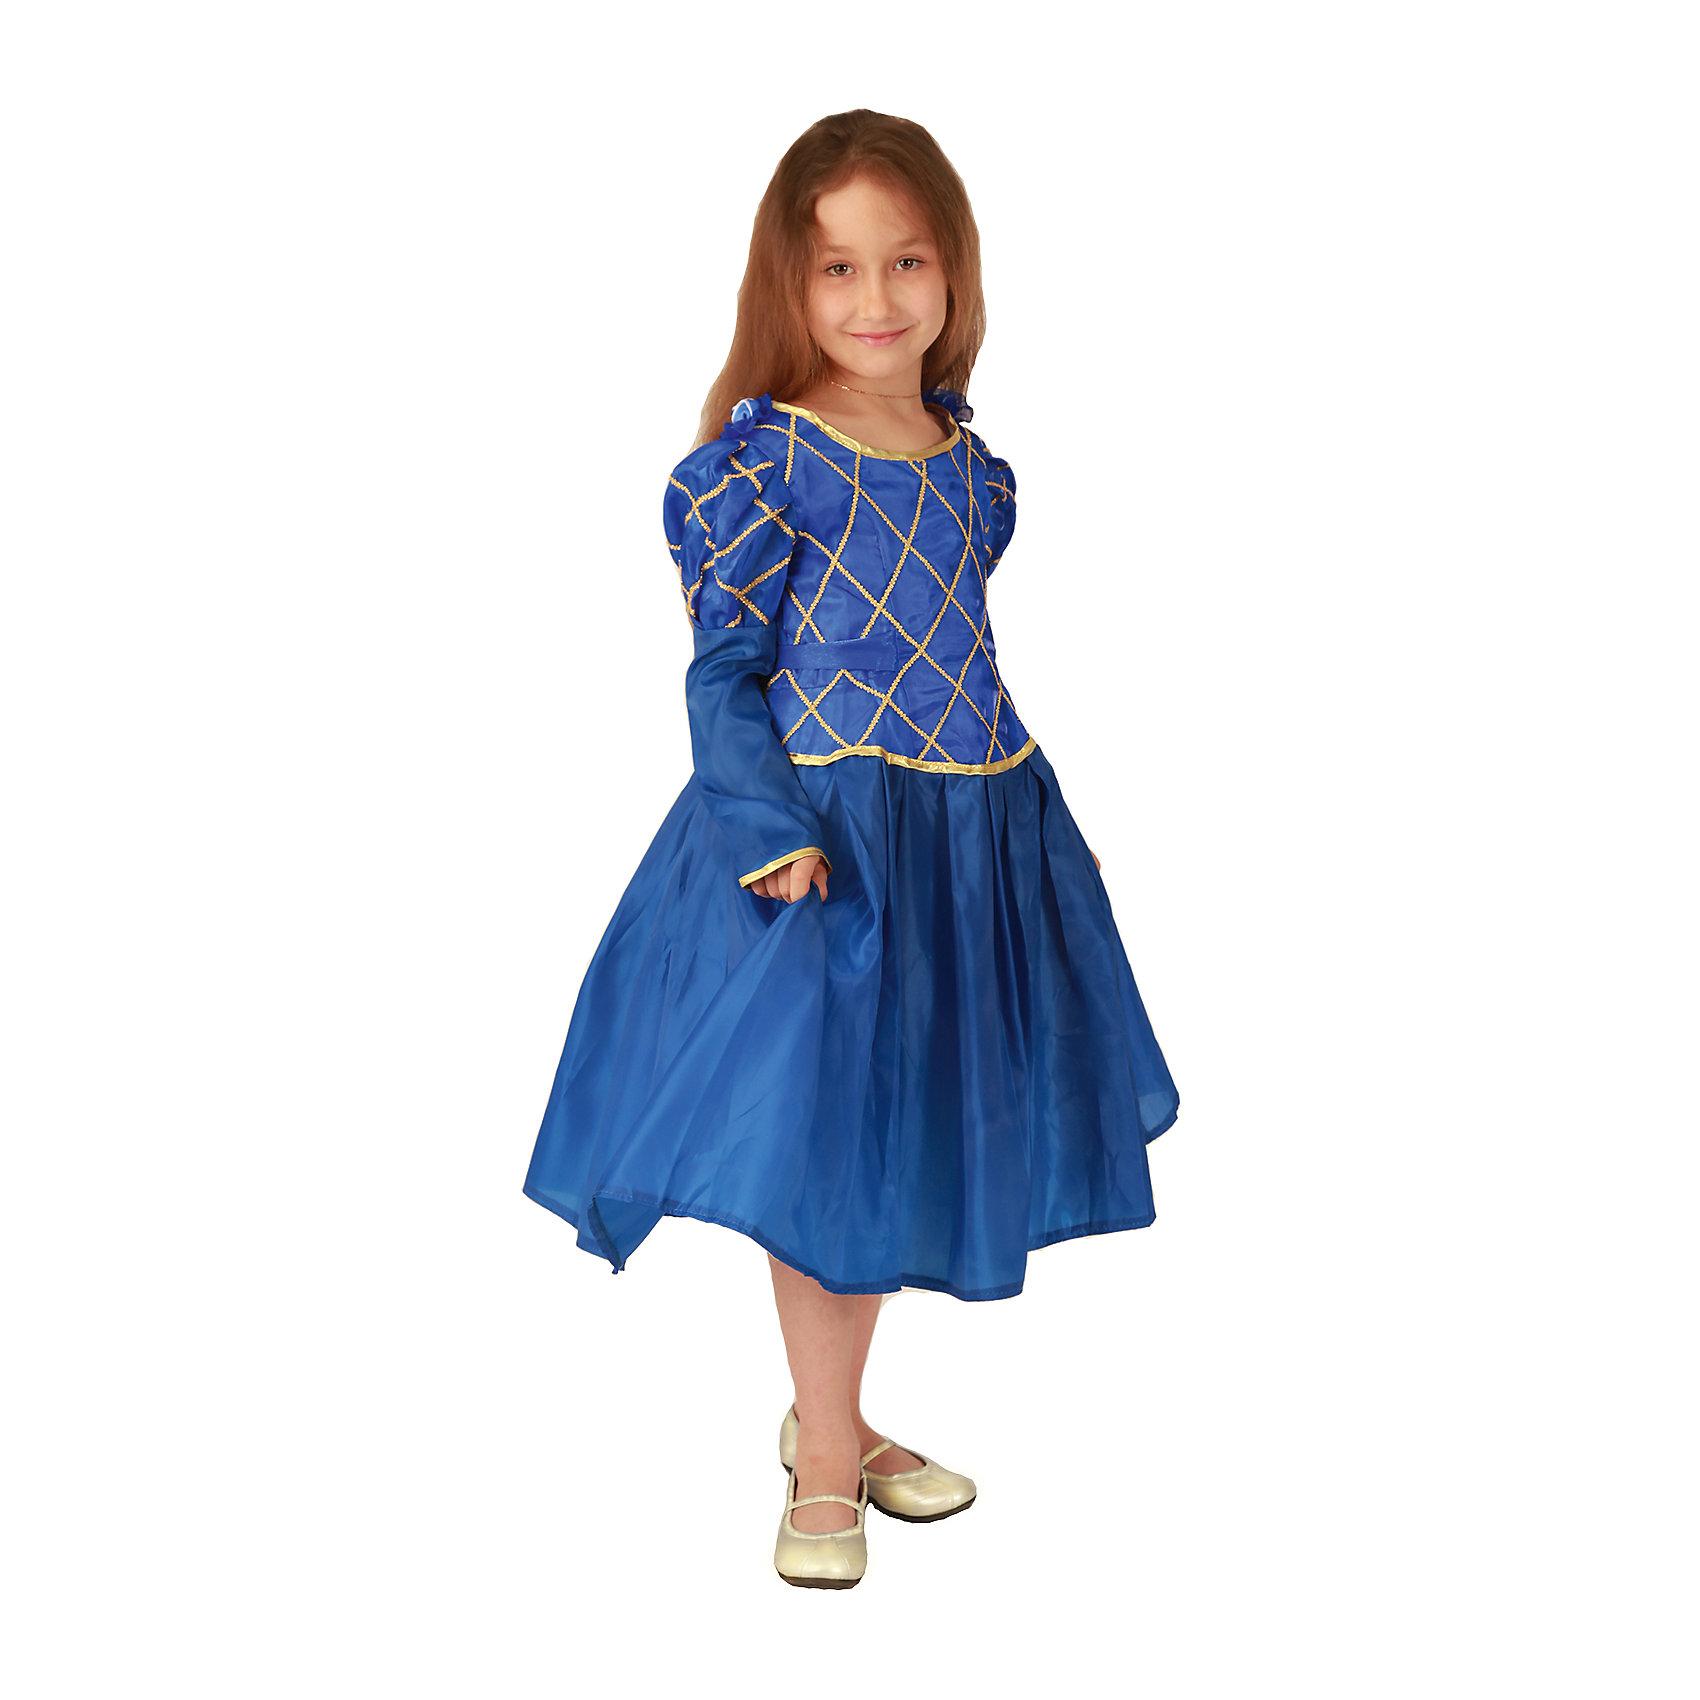 Карнавальный костюм для девочки Принцесса (синий цвет), ВестификаКарнавальные костюмы для девочек<br>Карнавальный костюм Принцесса предназначен для самых красивых и самых капризных маленьких принцесс. Костюм состоит из красивого пышного бального платья и подъюбника с несколькими слоями фатина, который создает пышность и придает юбке дополнительный объем. Ворот и рукава оторочены золотой бейкой, само платье украшено золотой тесьмой. По ширине платье регулируется поясом, который можно завязать на спине в красивый бант. Платье застегивается на спине на липучки<br><br>Дополнительная информация:<br><br>Комплектация:<br>Платье из тафеты<br>Подъюбник из бязи и фатина<br>Ткани:<br>Тафета (100% полиэстер)<br>Фатин (100% полиэстер)<br>Бязь (100% хлопок)<br><br>Карнавальный костюм для девочки Принцесса (синий цвет), Вестифика можно купить в нашем магазине.<br><br>Ширина мм: 236<br>Глубина мм: 16<br>Высота мм: 184<br>Вес г: 340<br>Цвет: белый<br>Возраст от месяцев: 72<br>Возраст до месяцев: 84<br>Пол: Женский<br>Возраст: Детский<br>Размер: 116/122<br>SKU: 4389259